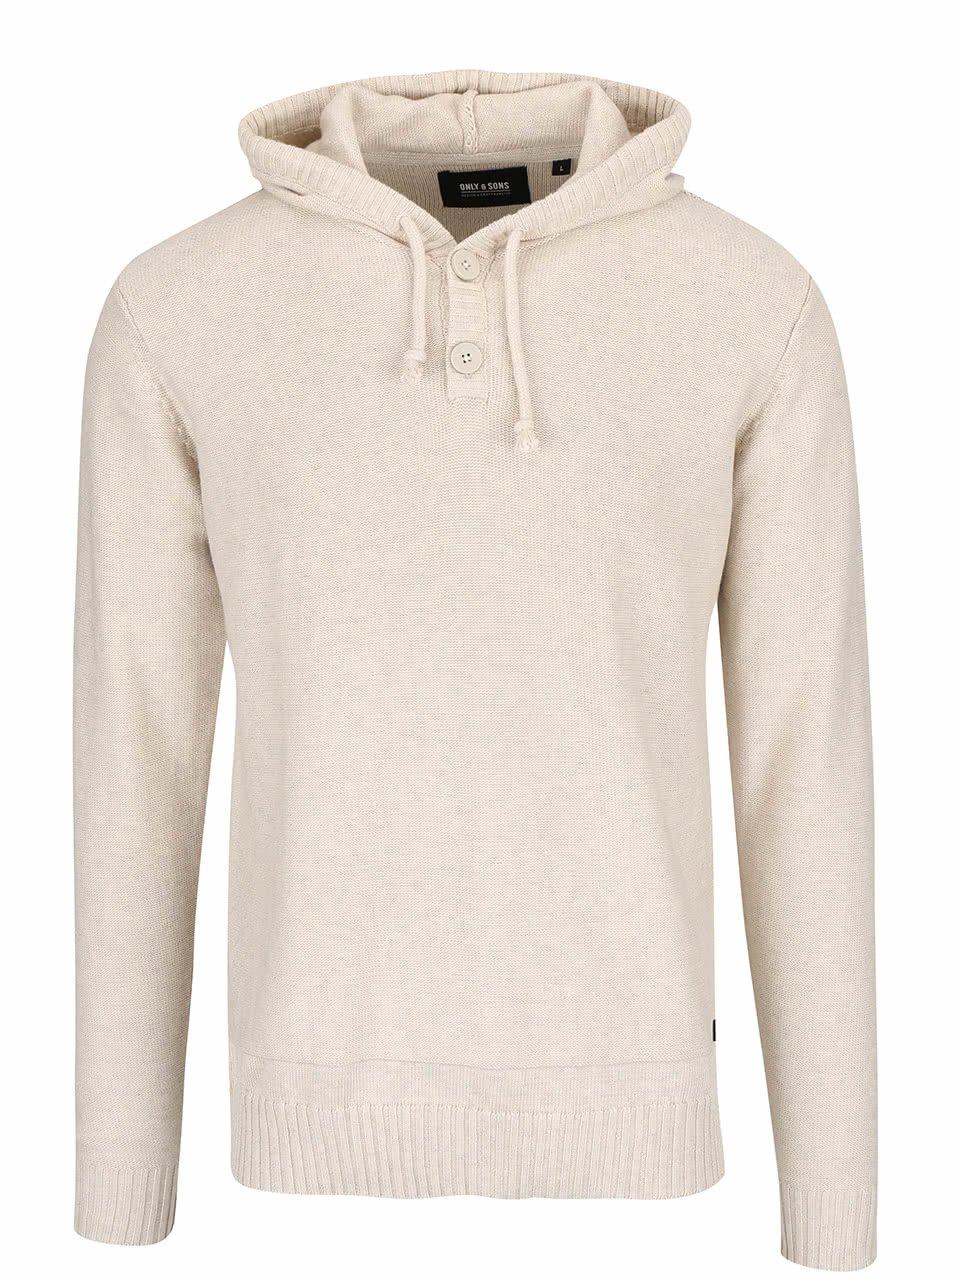 Béžový svetr s kapucí ONLY & SONS Daniel